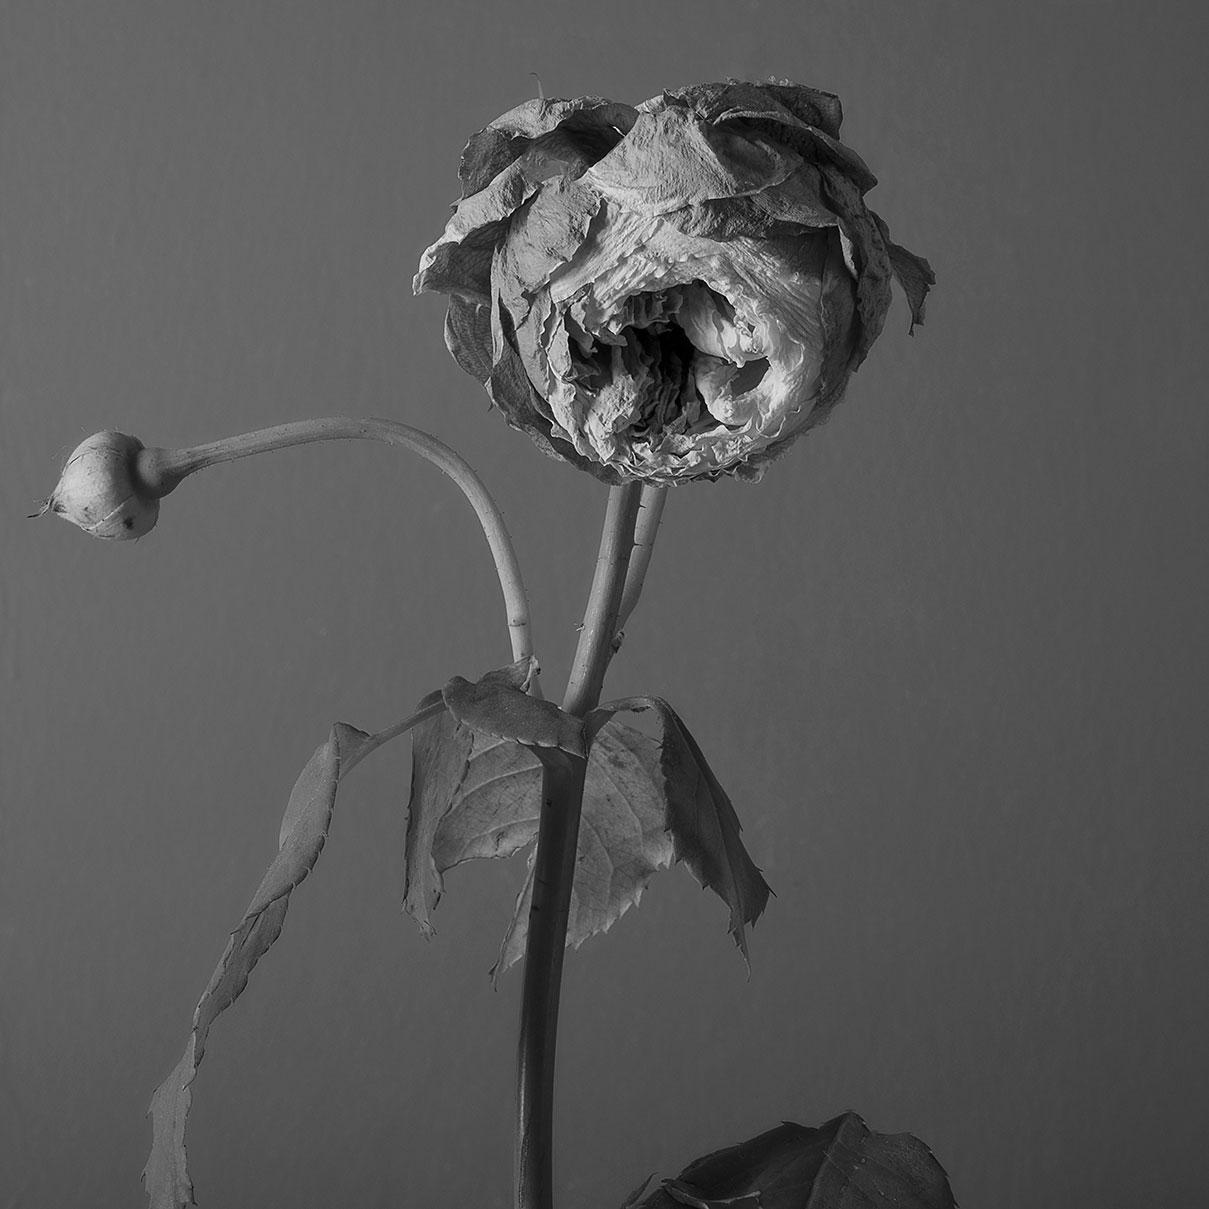 דויד סקורי - צילום ורד